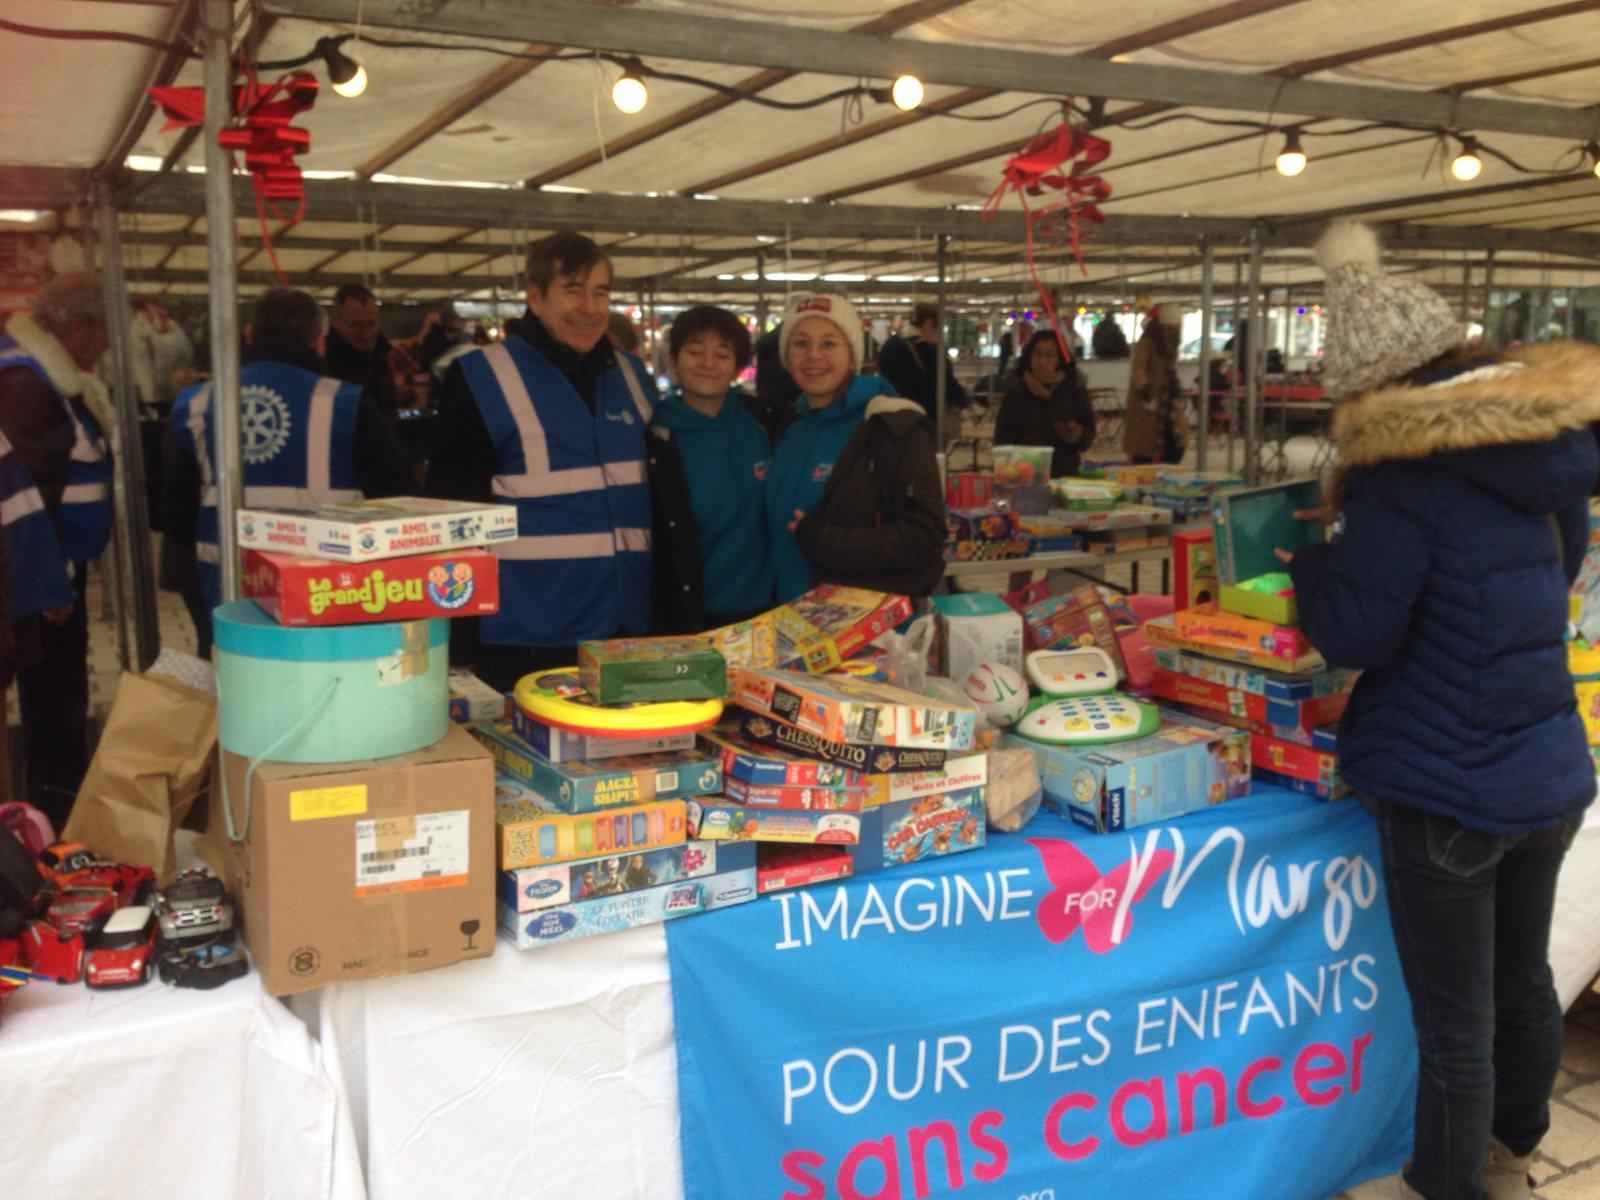 opération jouets solidaire grâce au Rotary de Saint-Germain-en-Laye